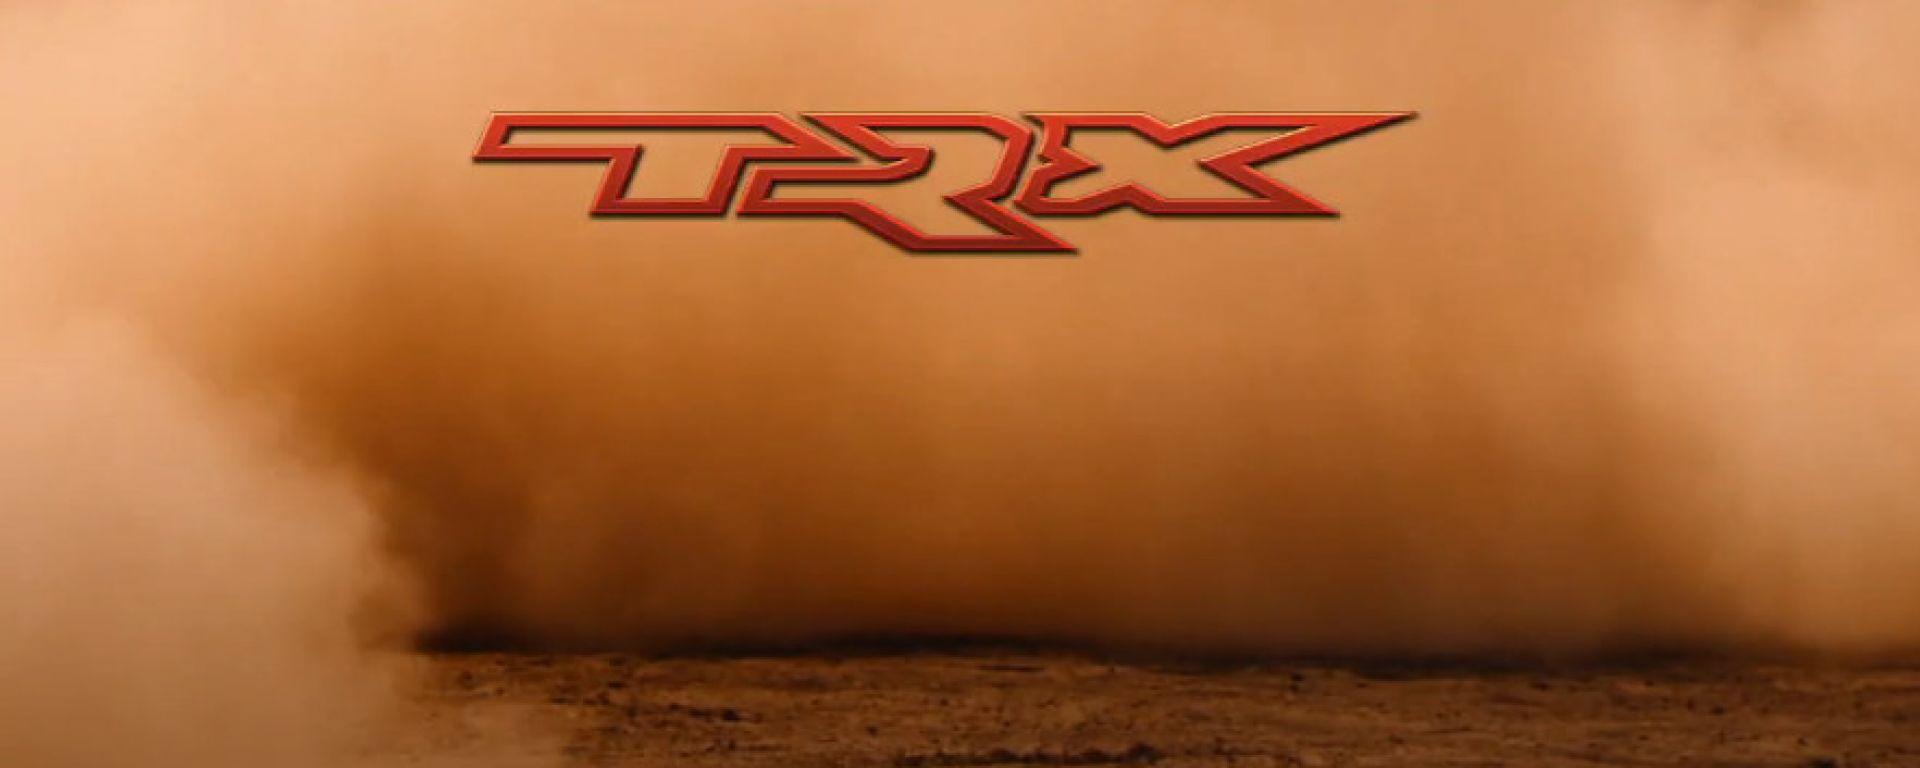 Nuovo RAM 1500 TRX, monster truck in avvicinamento